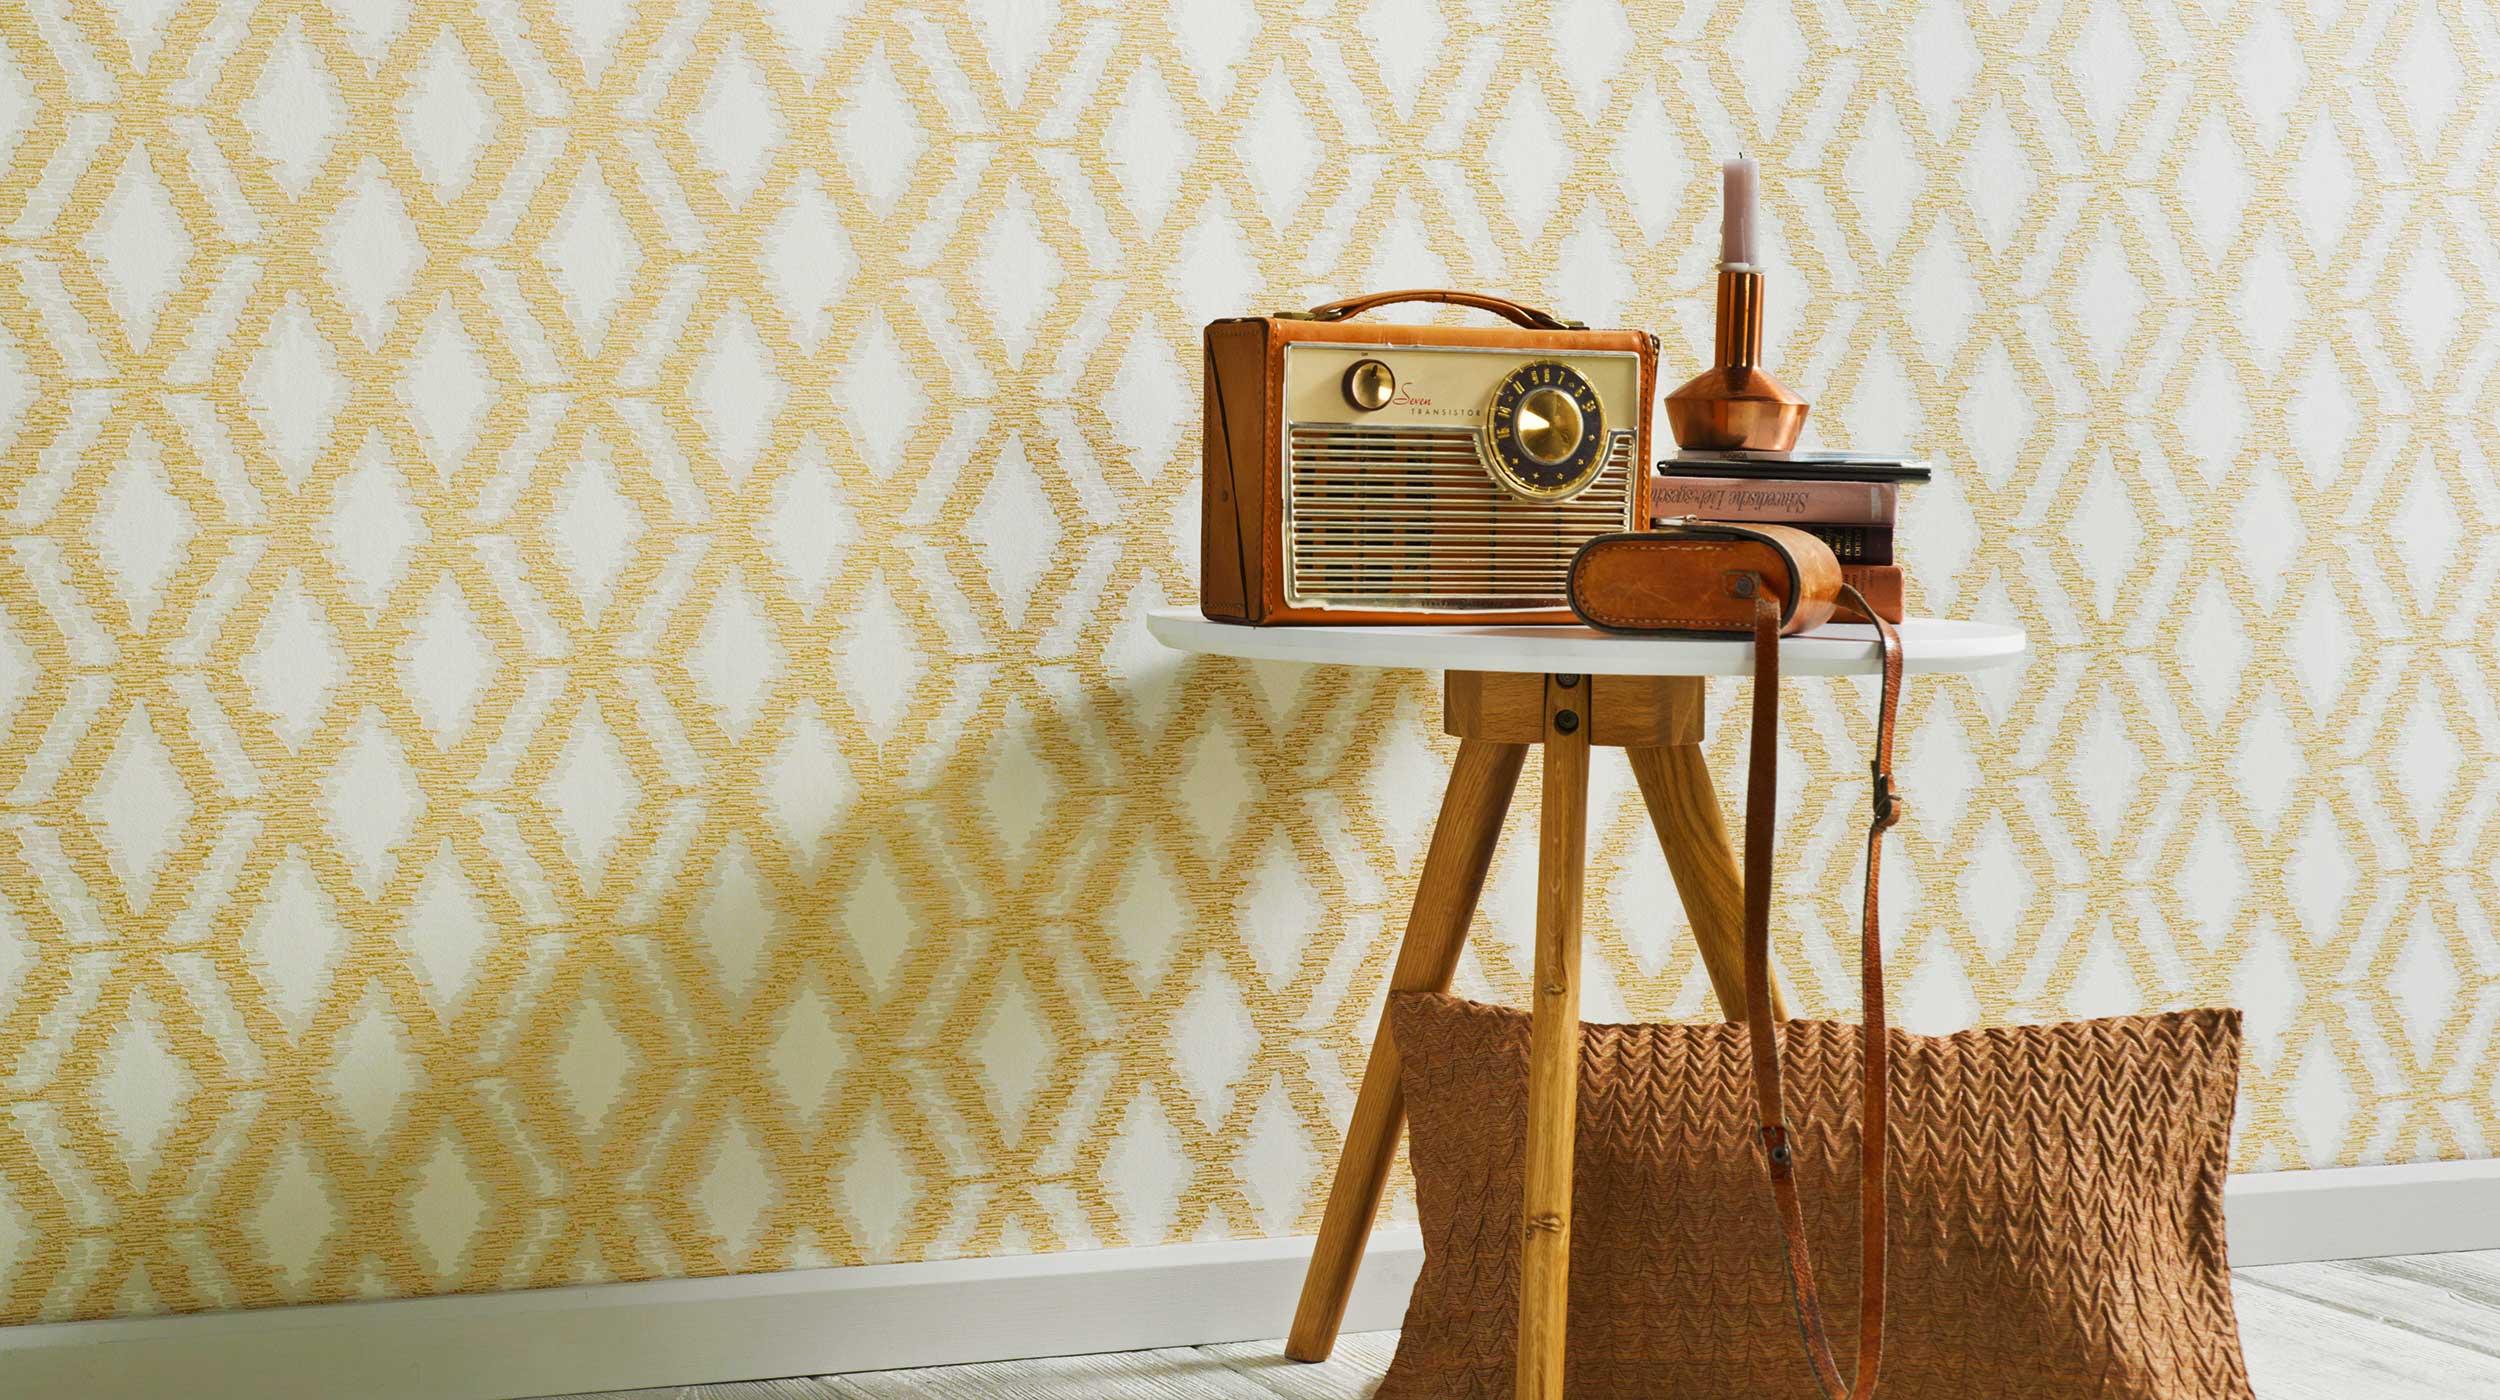 Tapete im Ethno-Style mit Rautenmuster in Gold, Beistelltisch, altes Radio